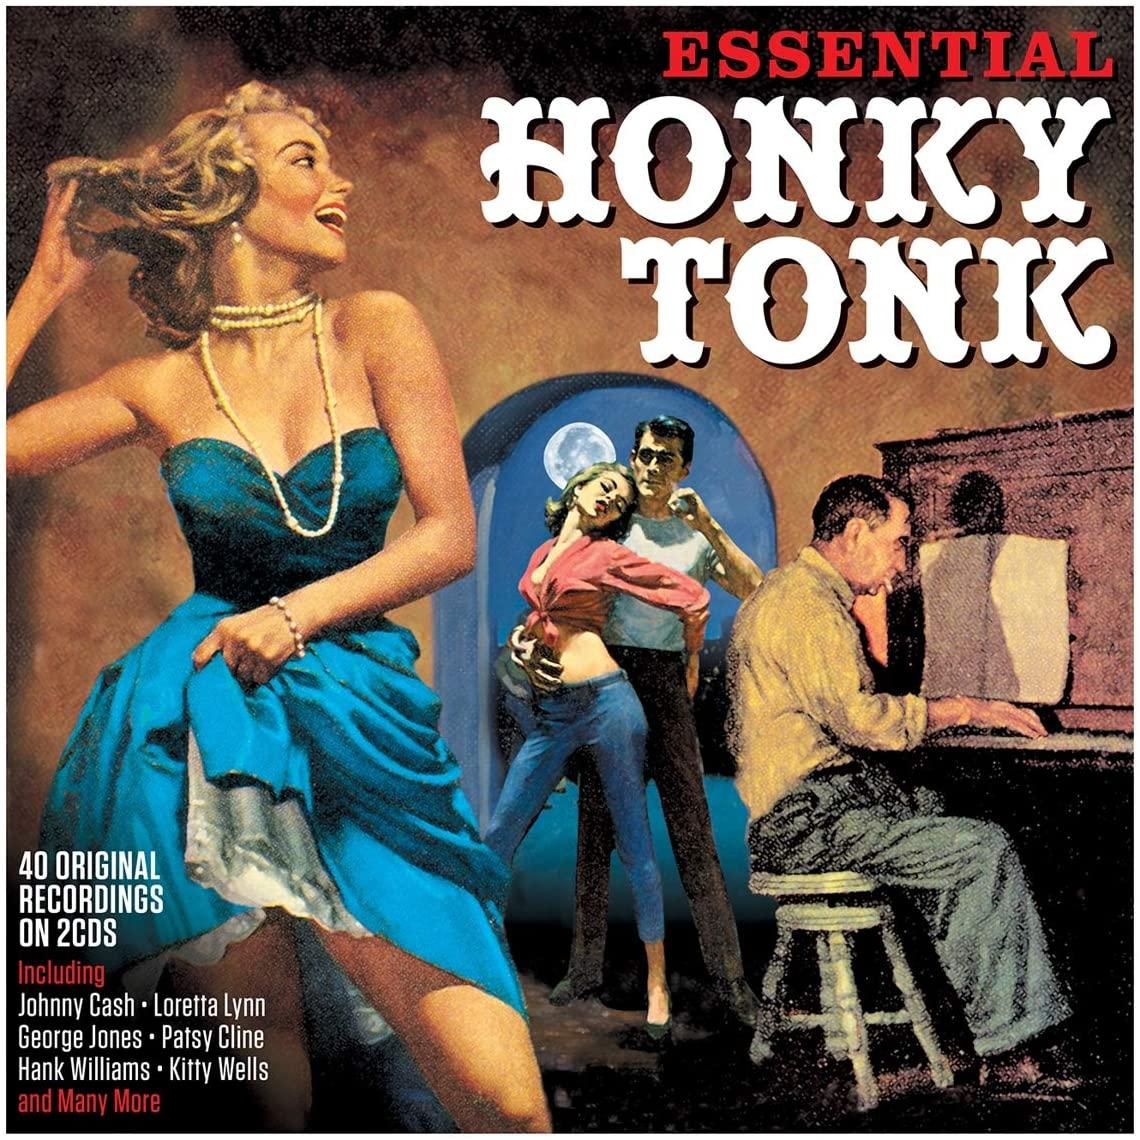 Essential Honky Tonk